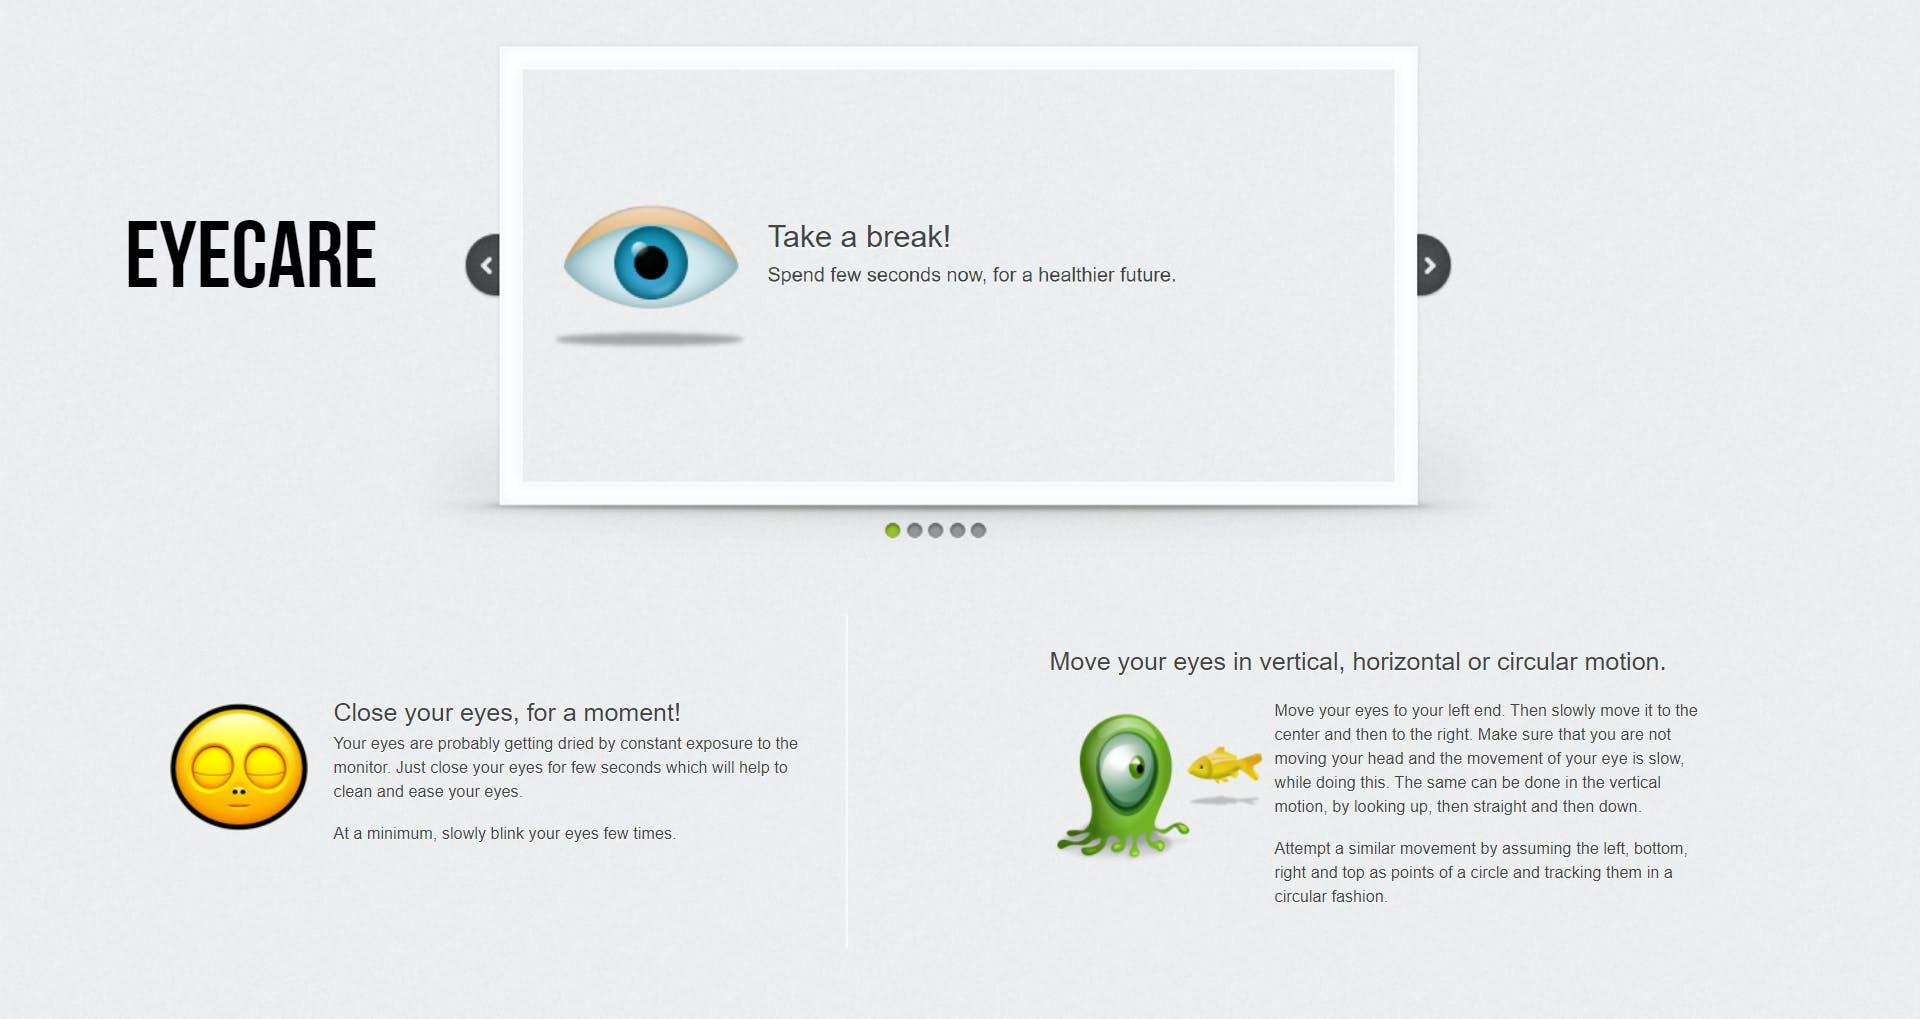 chrome-extension___eeeningnfkaonkonalpcicgemnnijjhn_unreads.html.jpg